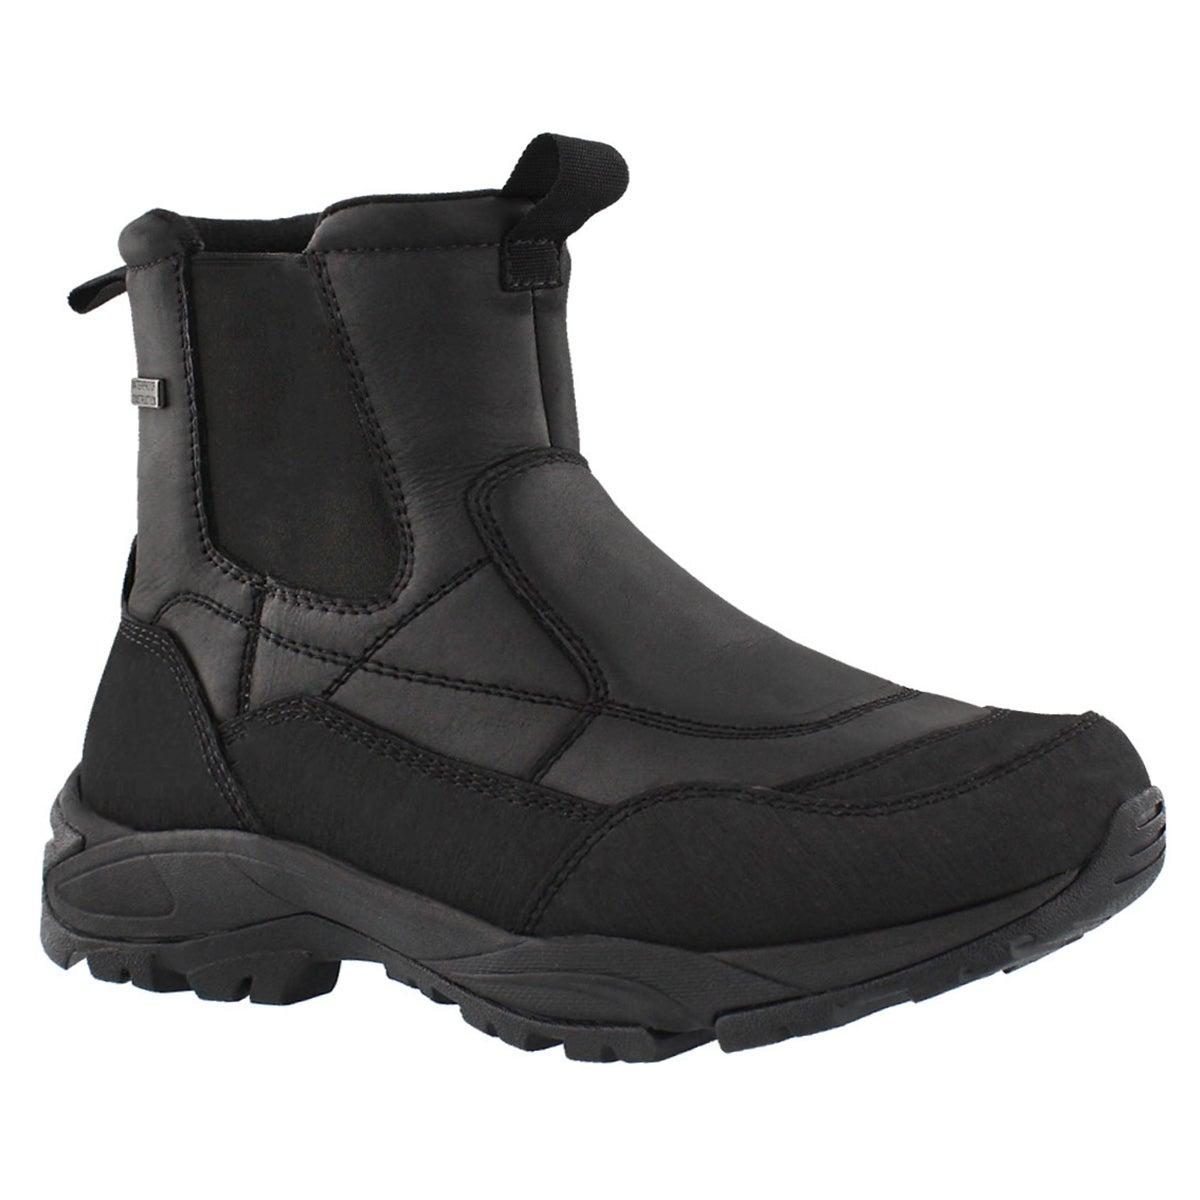 Men's MASON  black waterproof winter boots